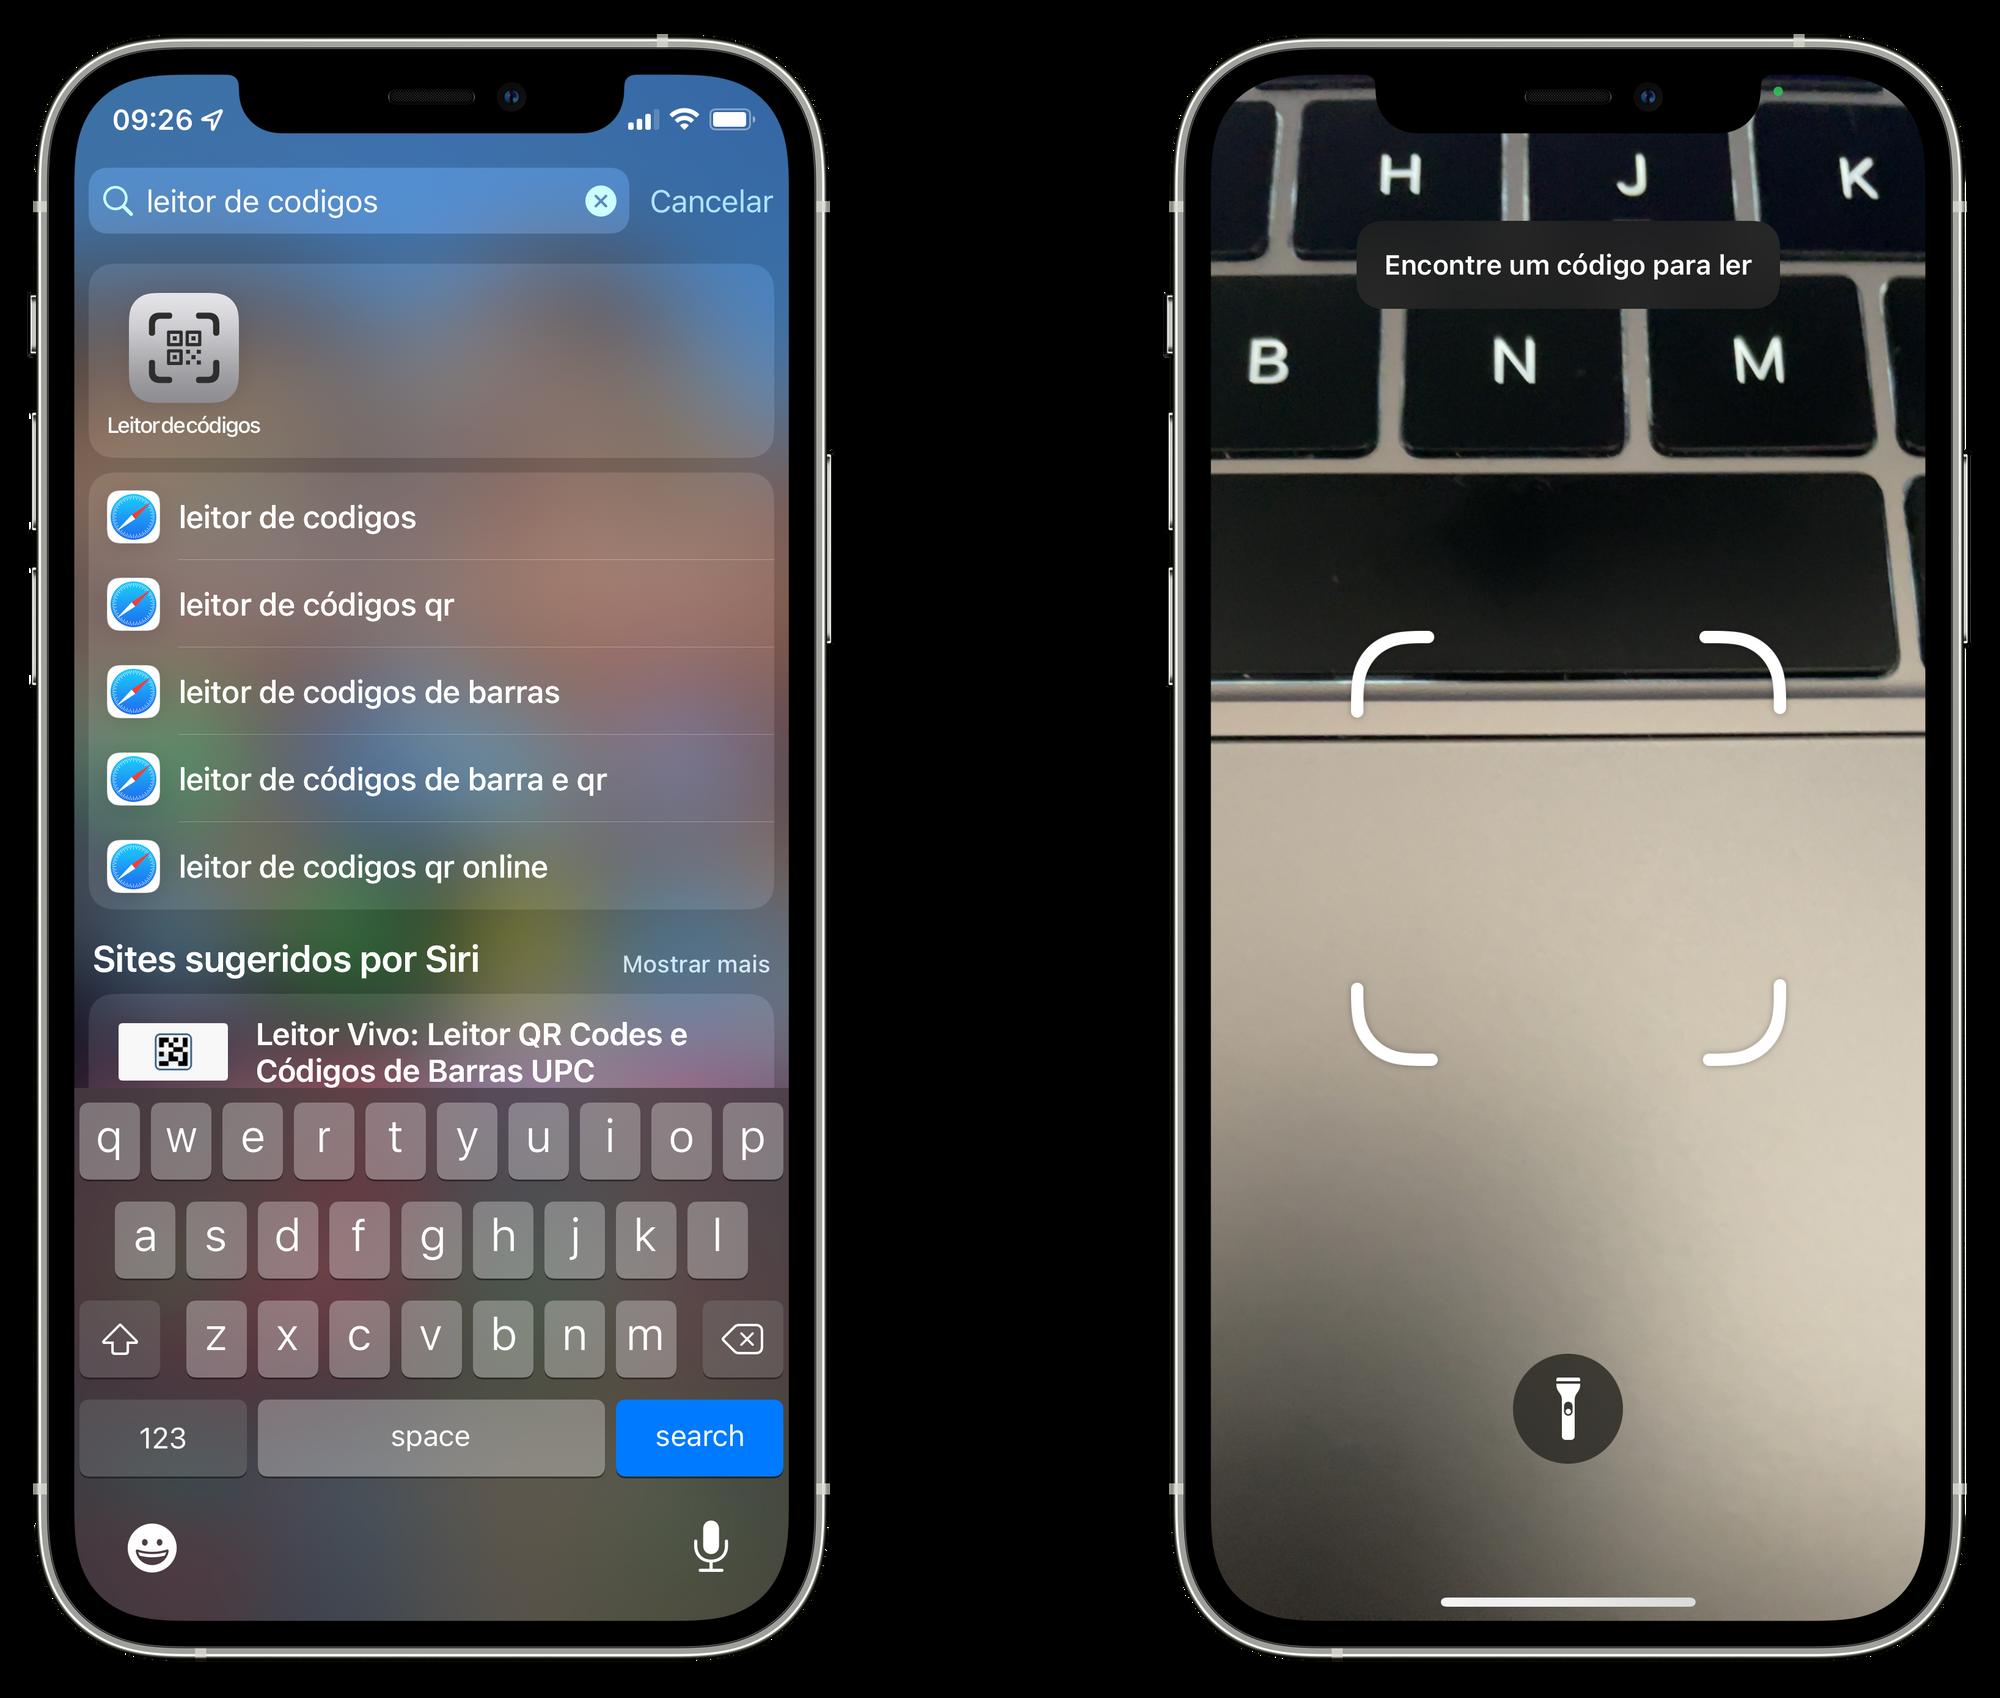 App Leitor de Códigos no iPhone com iOS 15